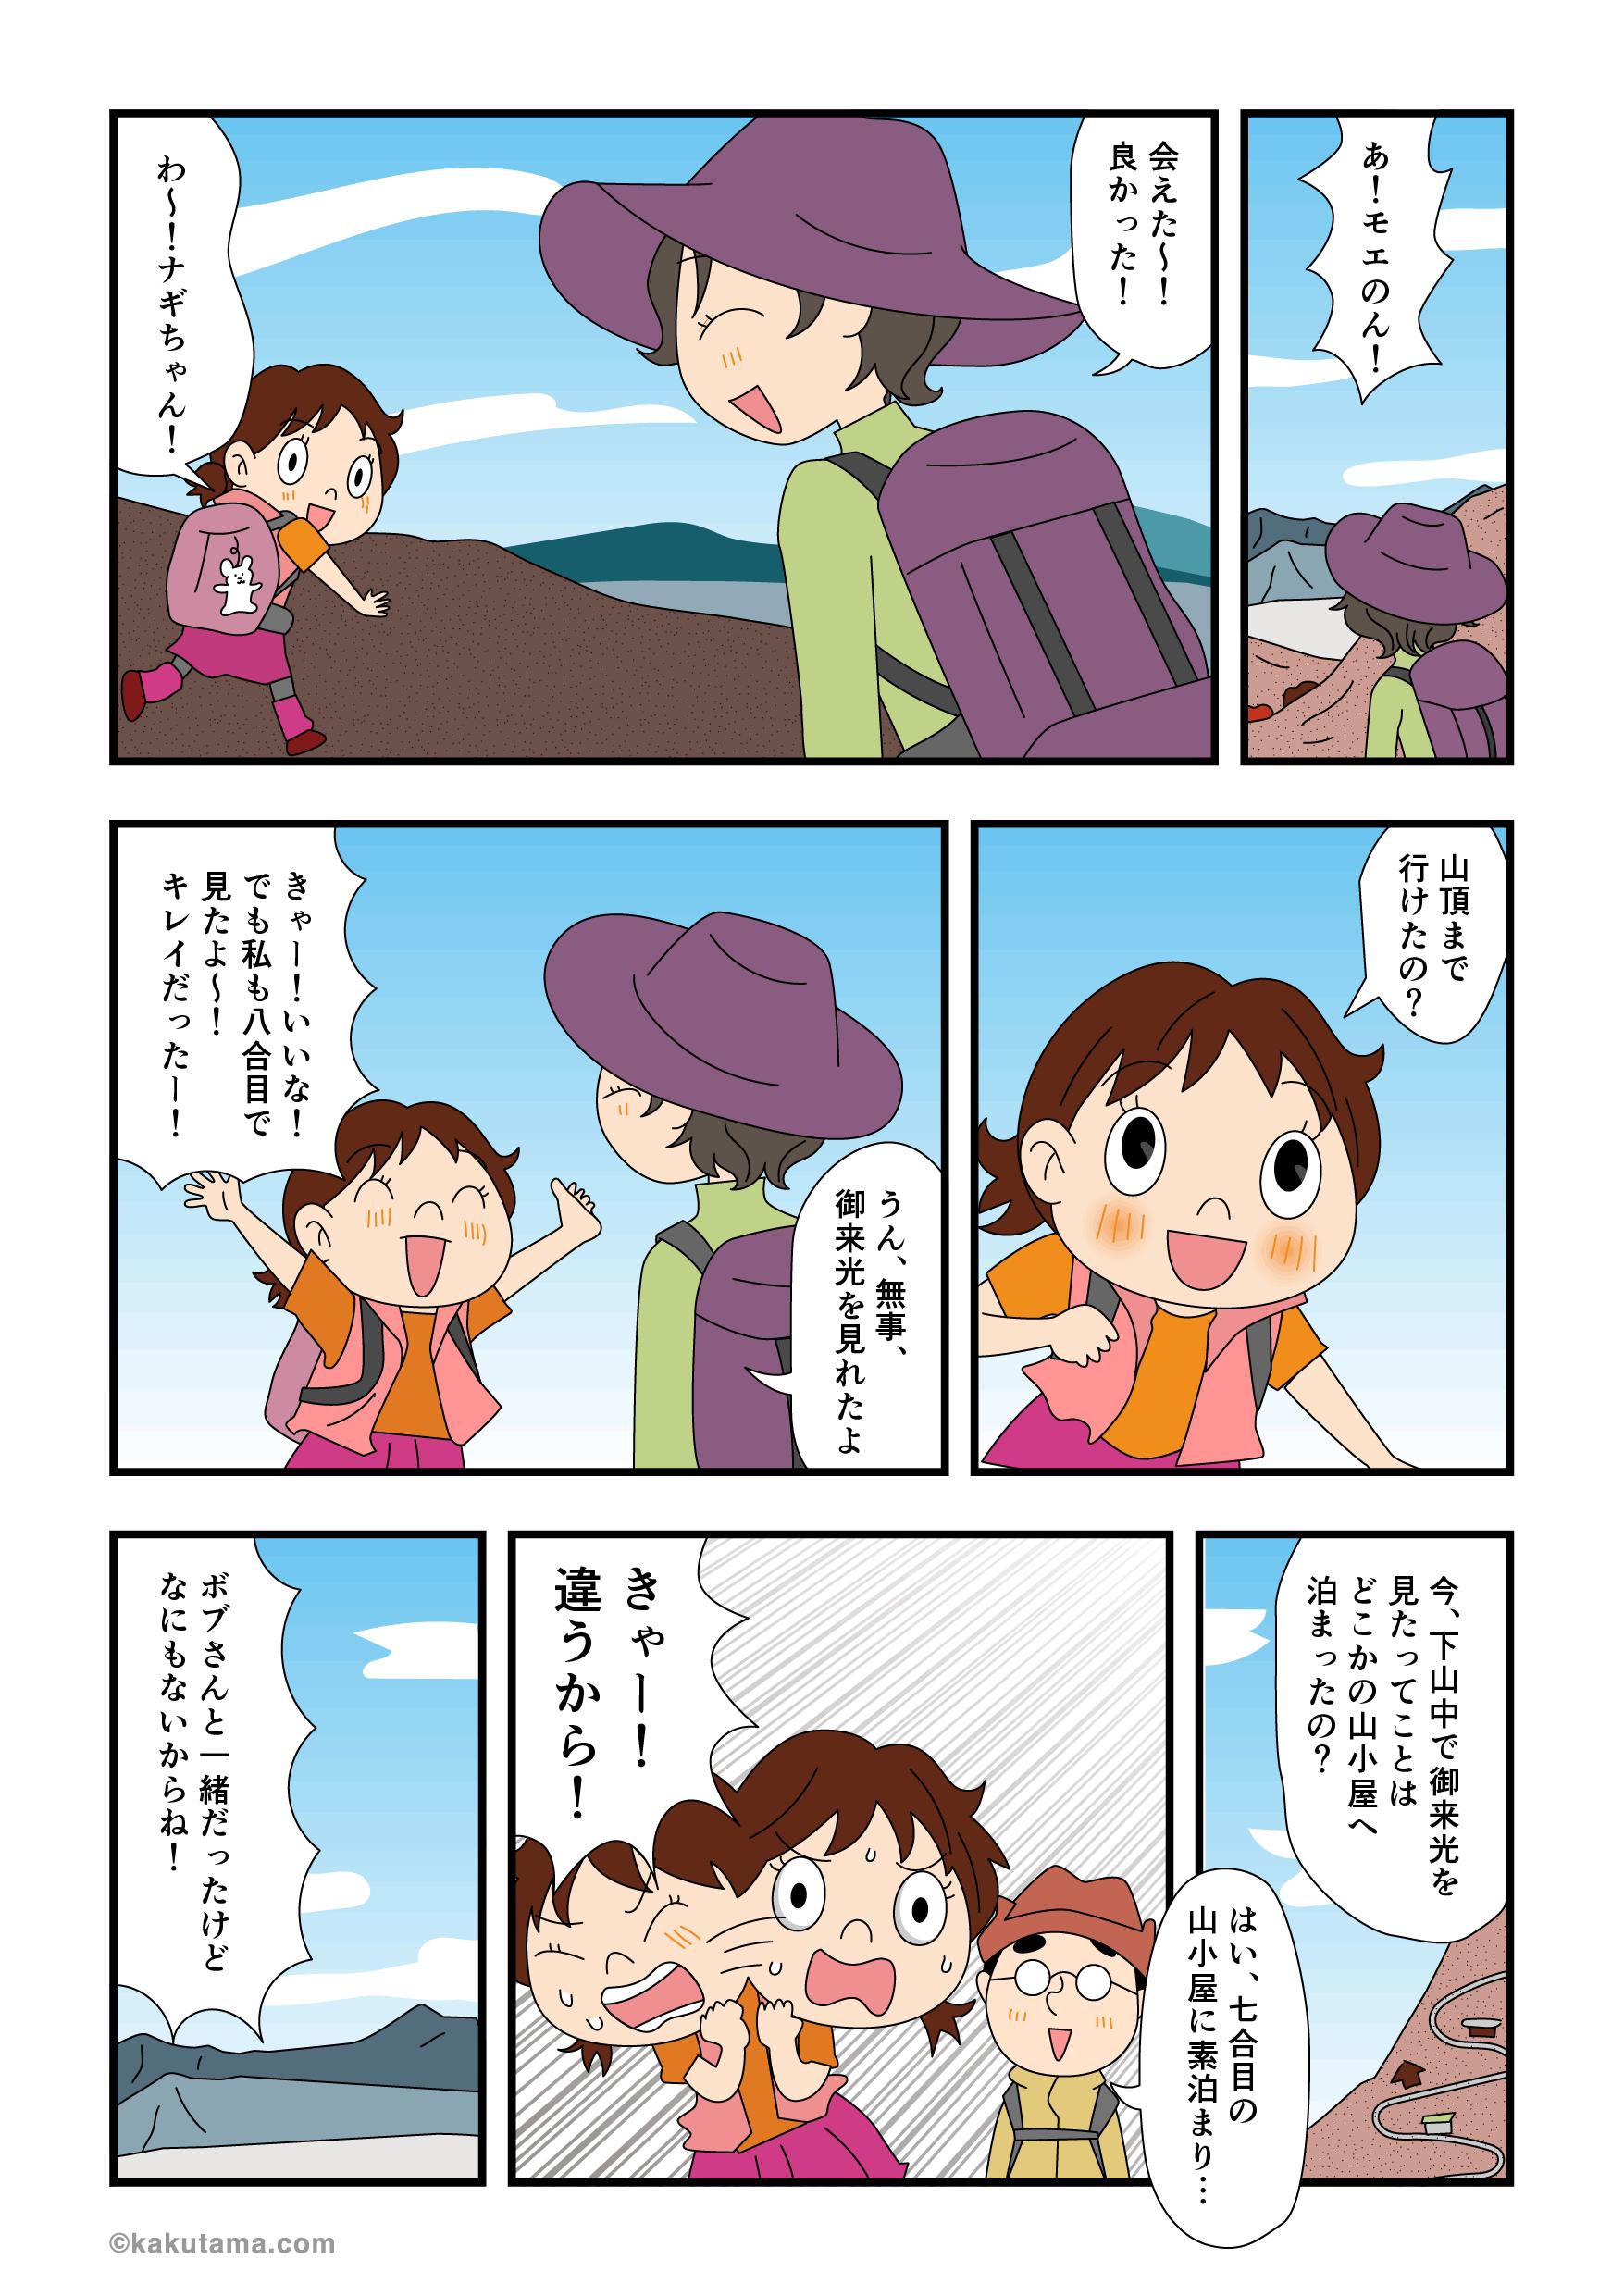 富士登山下山中に全員が揃った漫画